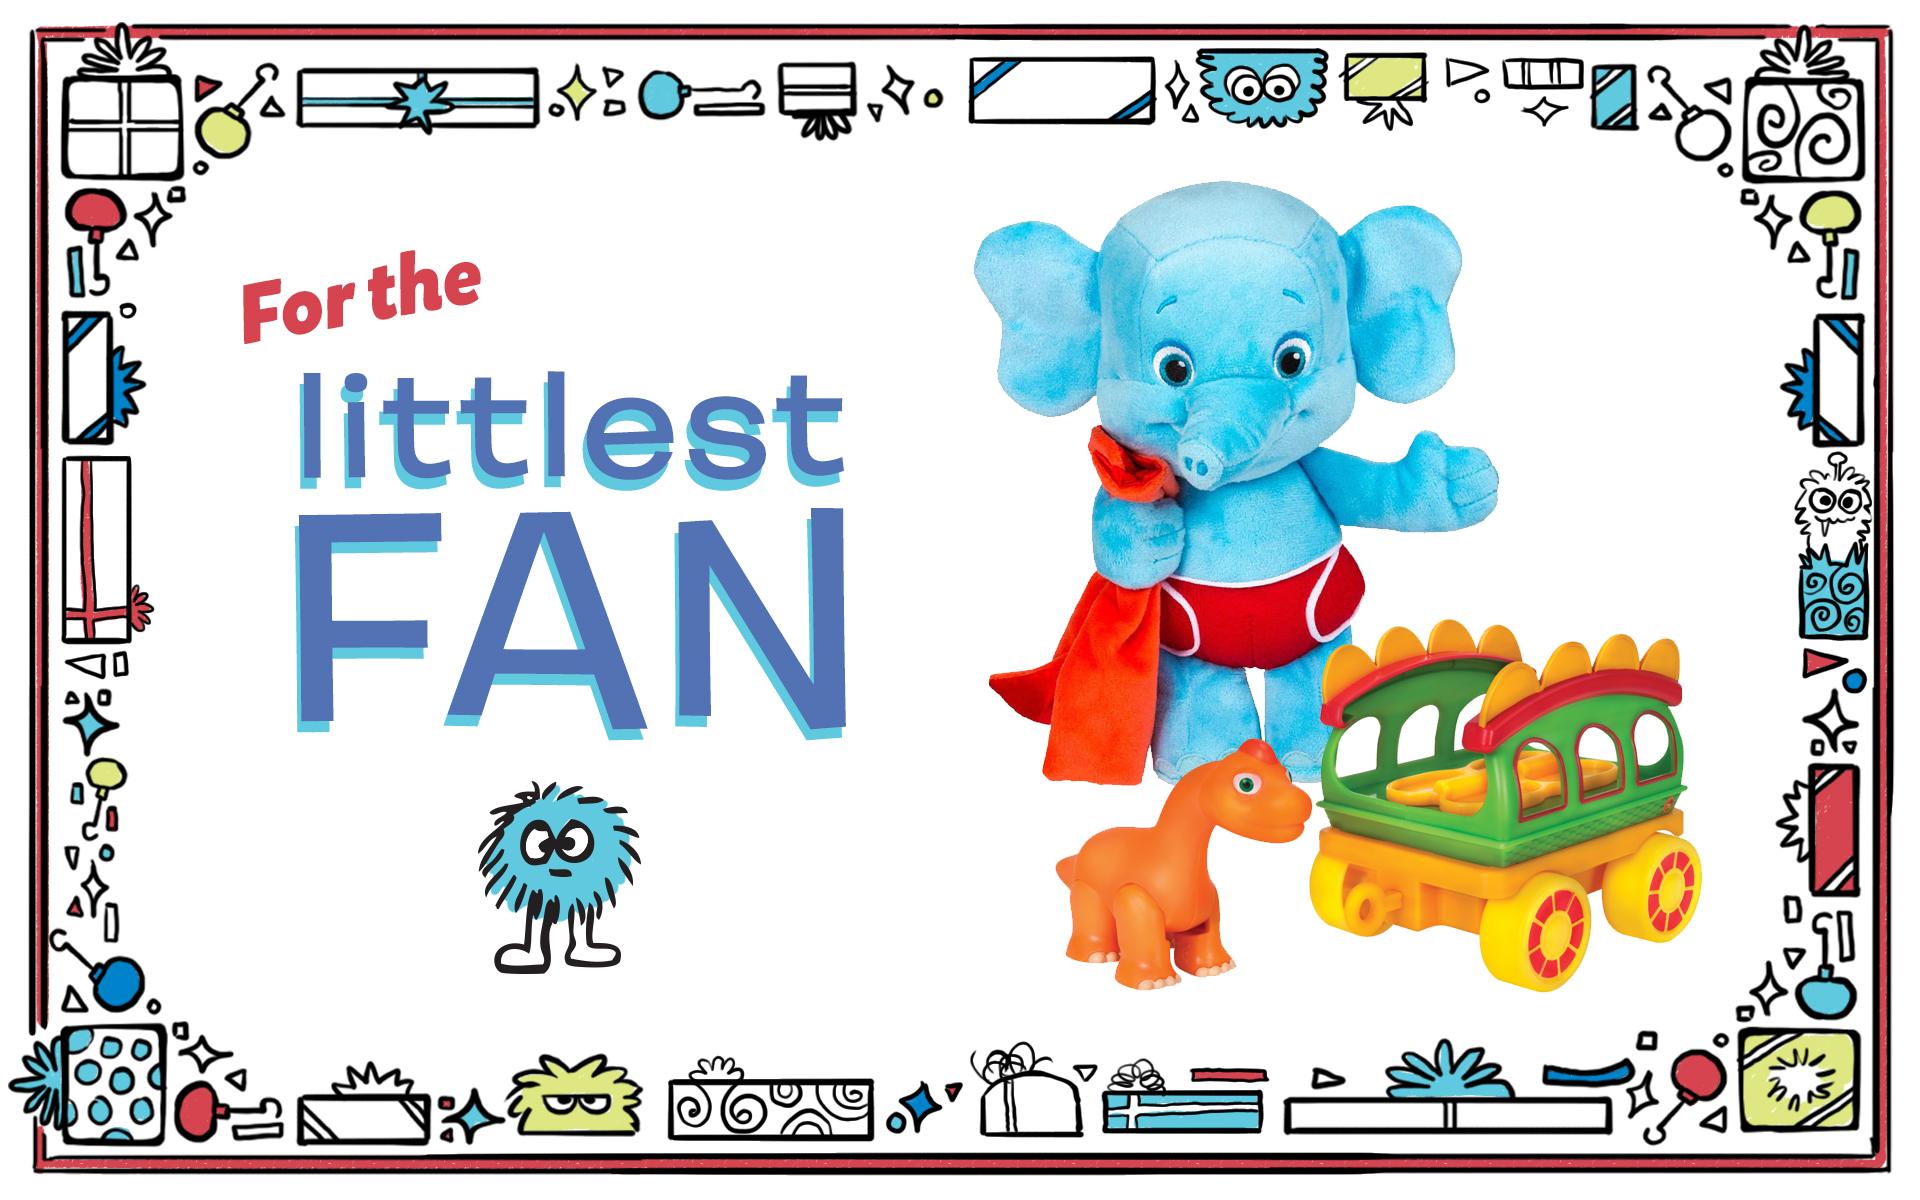 LittlestFanCard.jpg